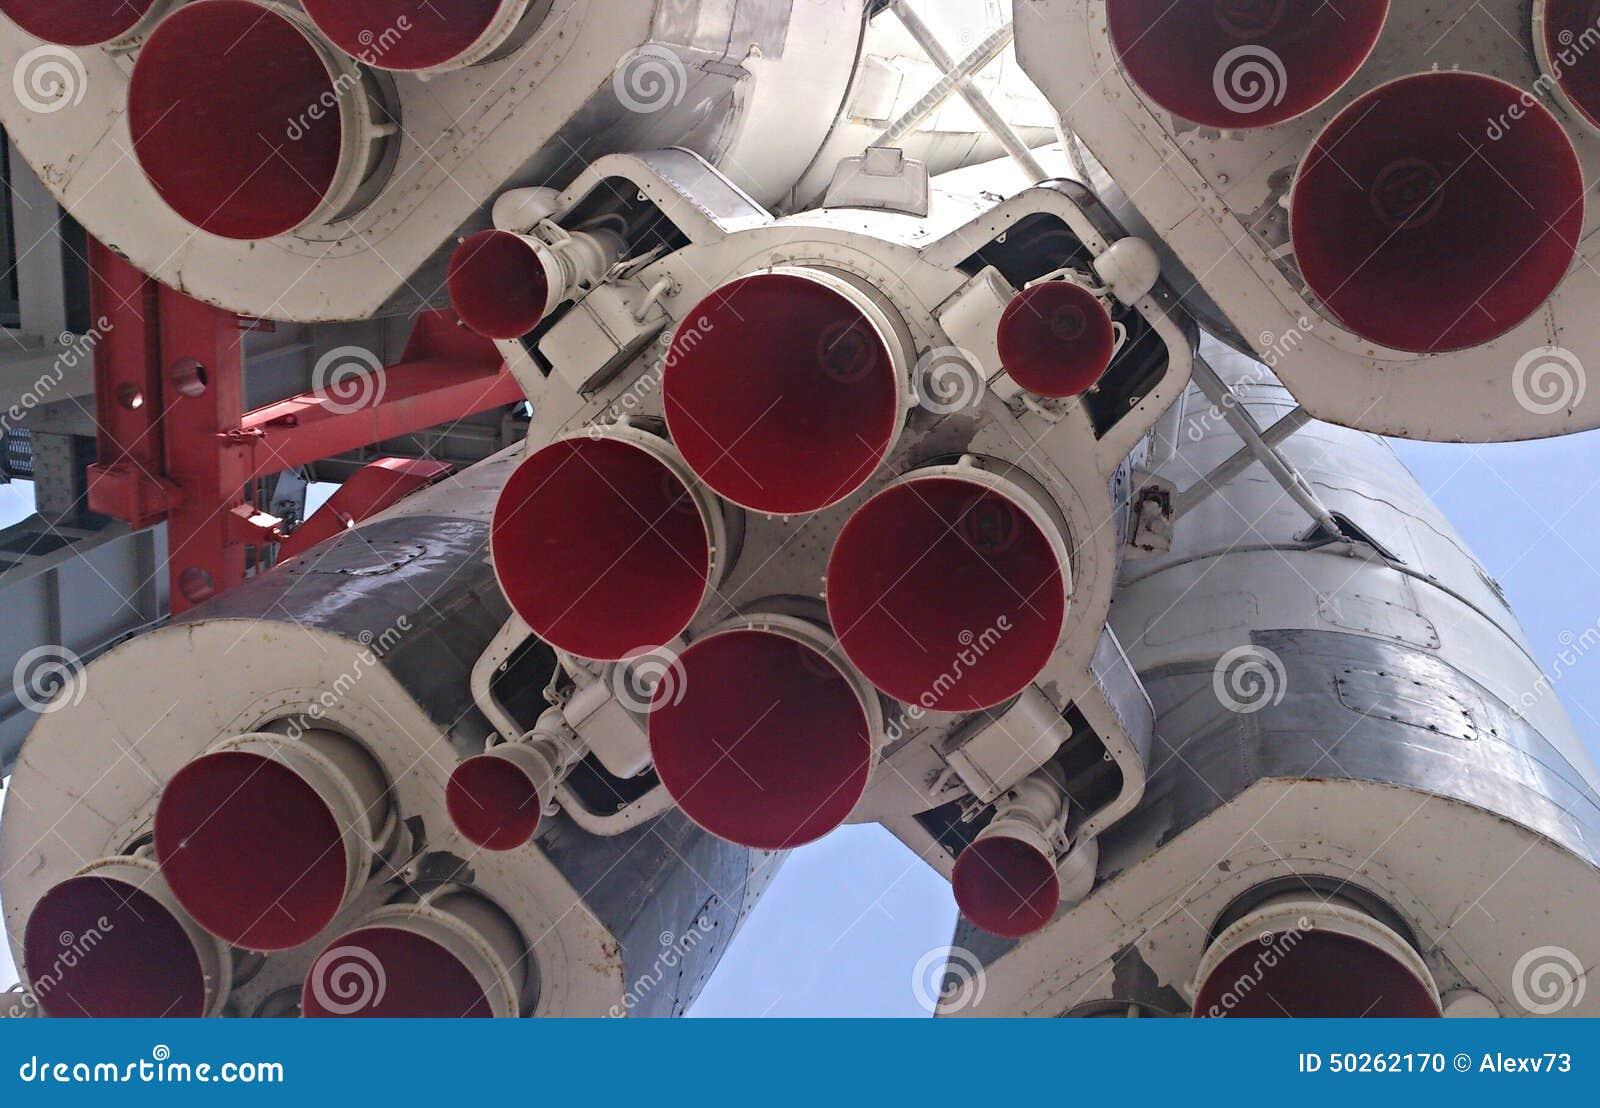 Nozzle rocket engines stock photo image